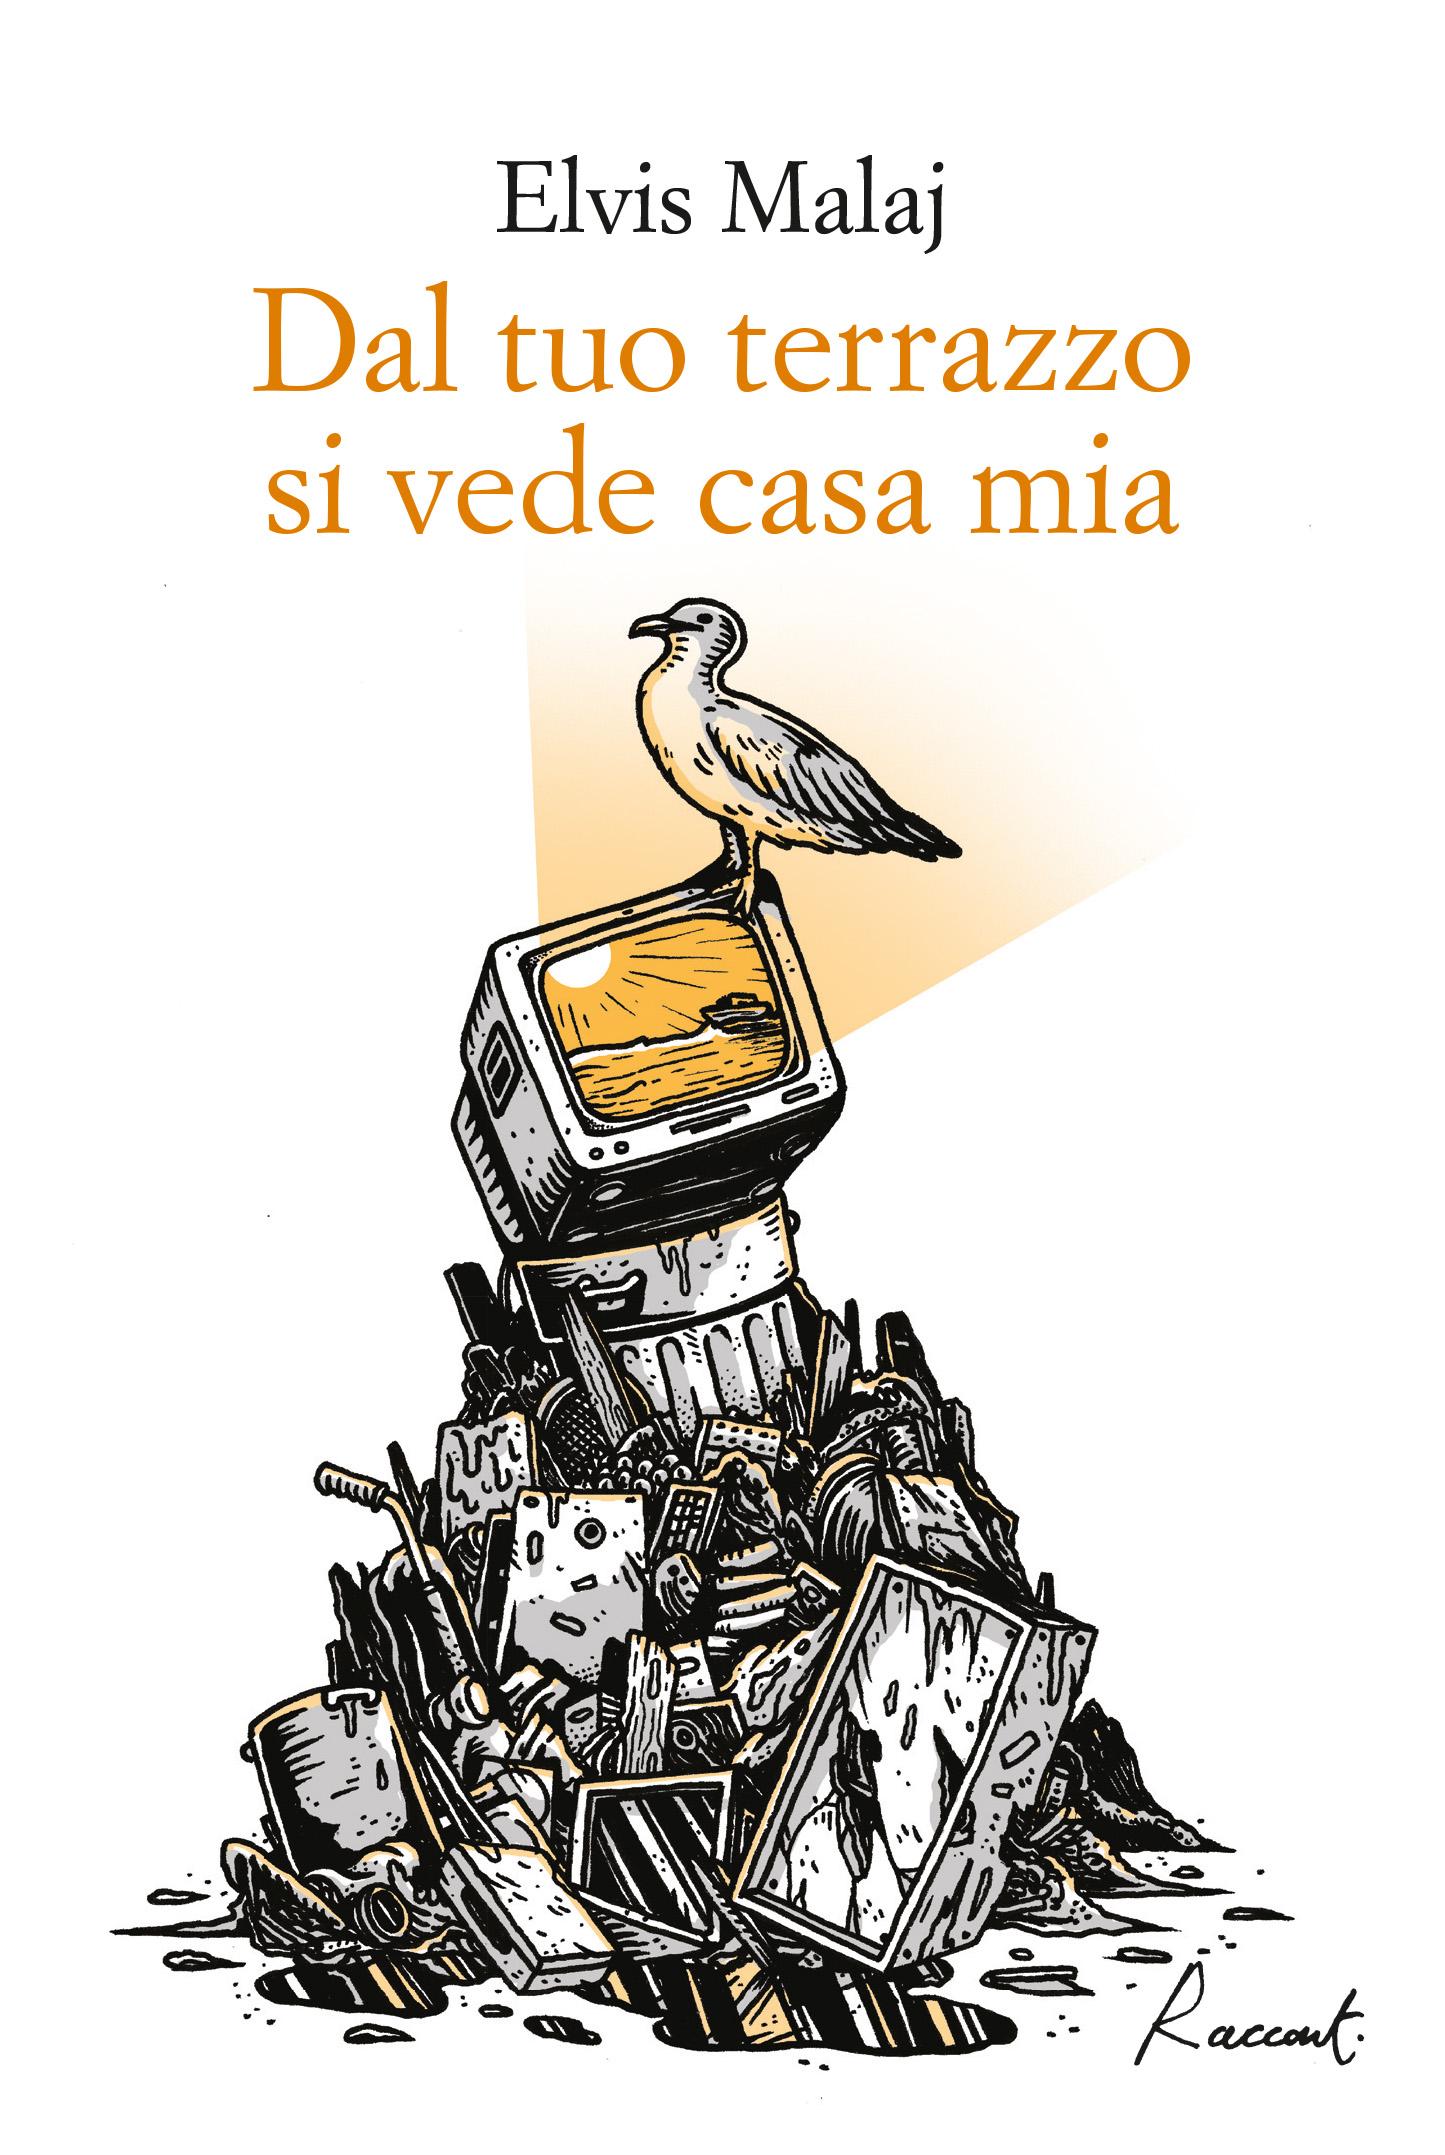 Illustrazioni di Alessandro Ripane